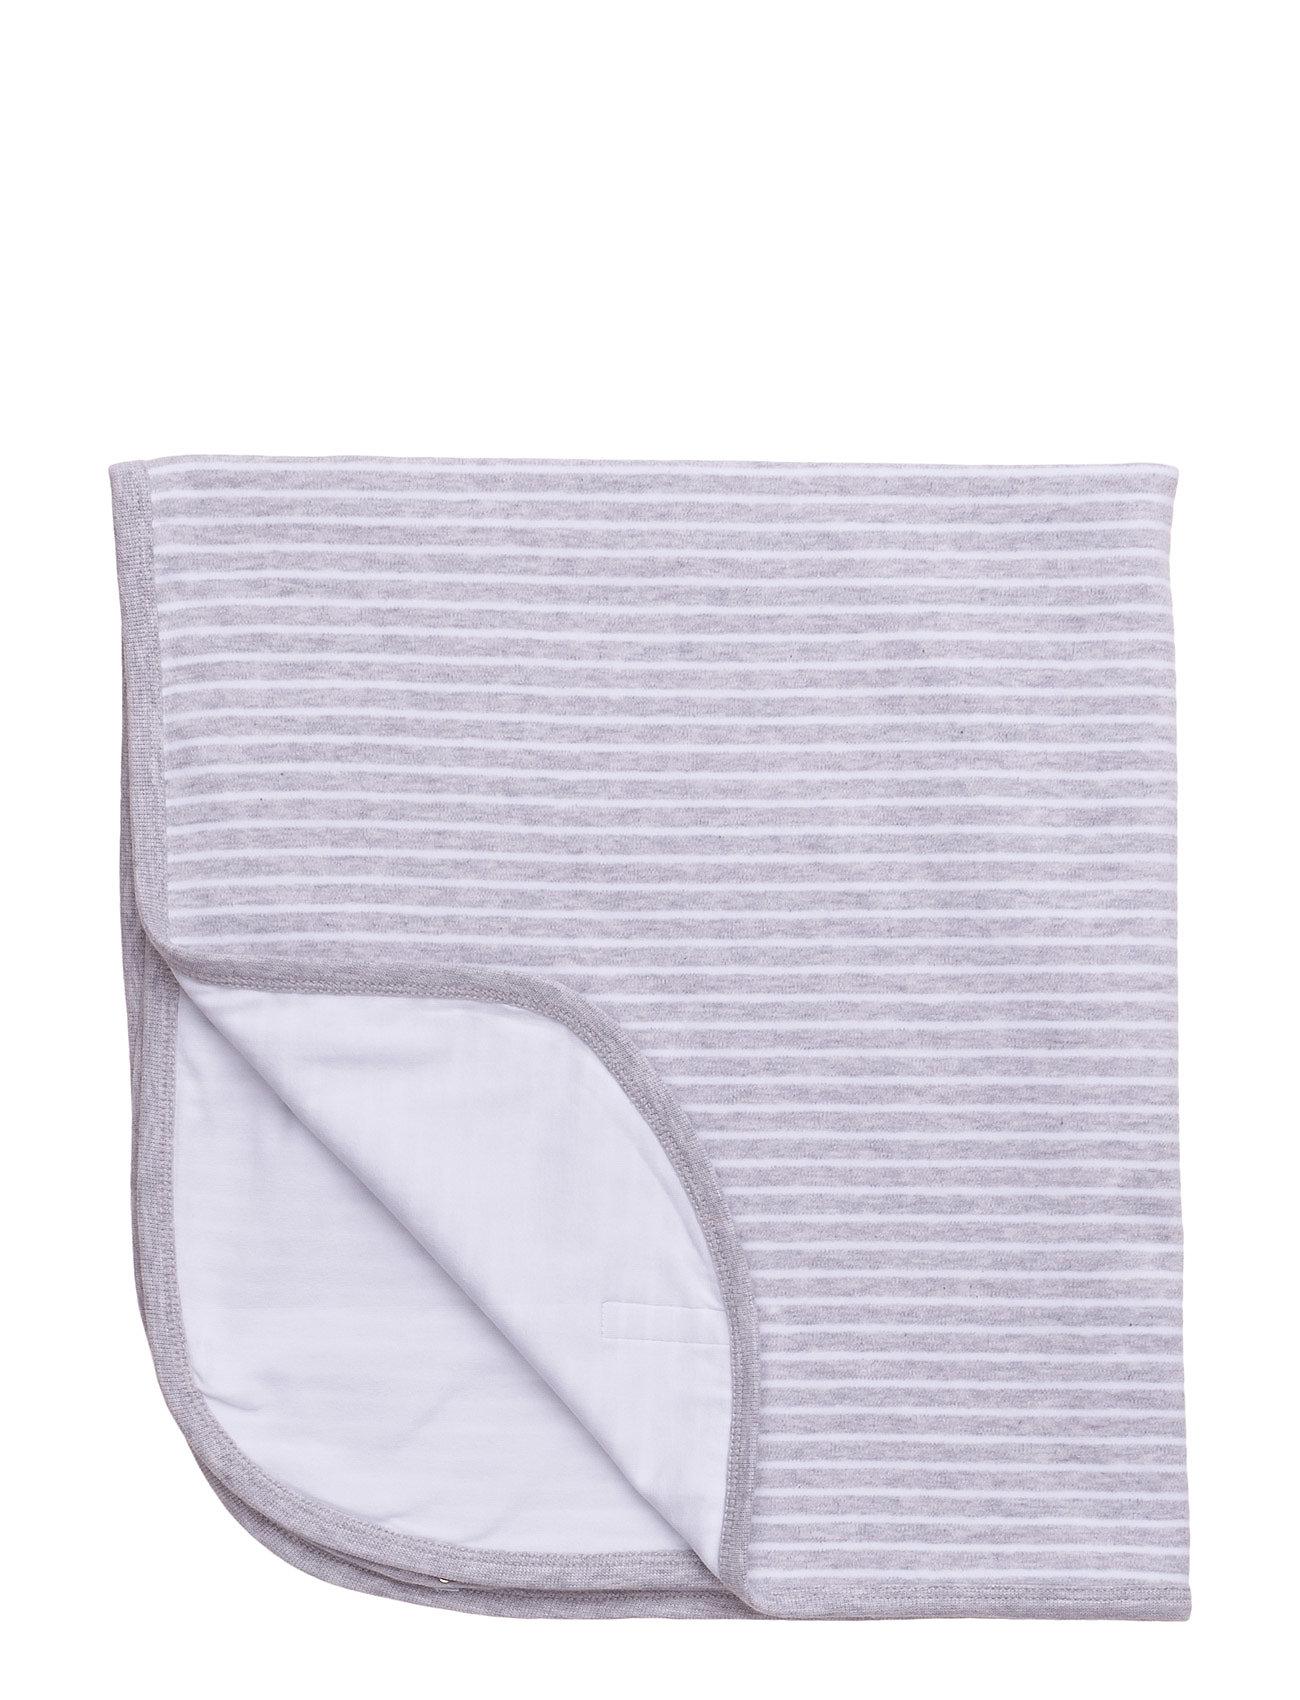 Blanket Classic Geggamoja Sengetøj & Lagener til Børn i